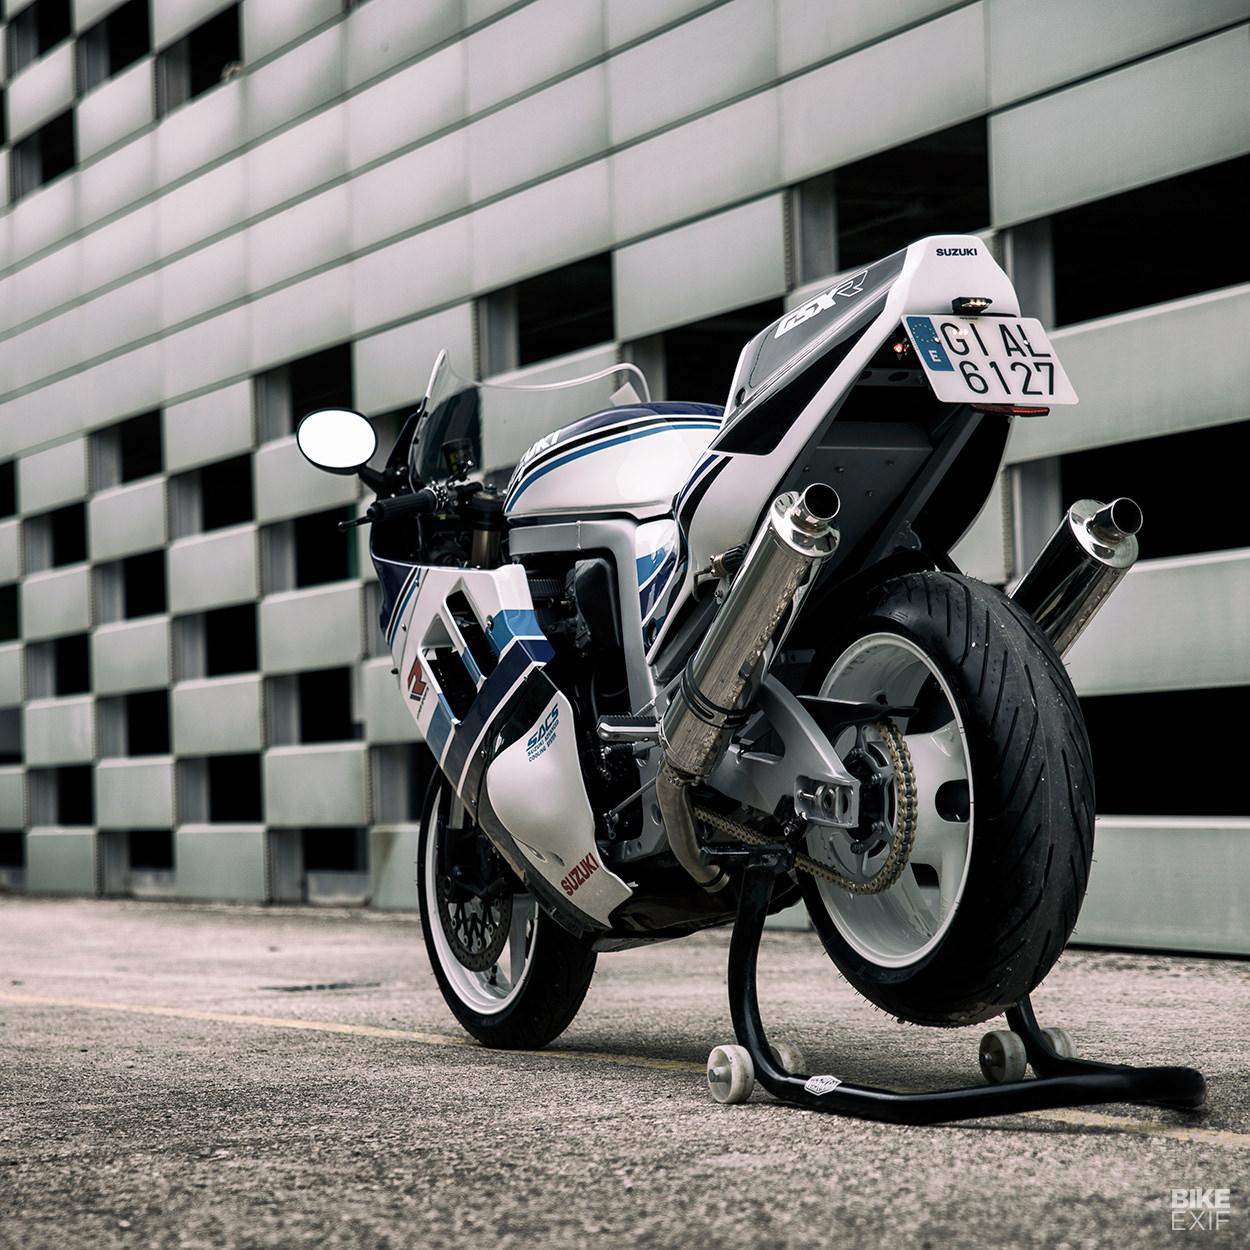 Suzuki GSX-R1100 restomod